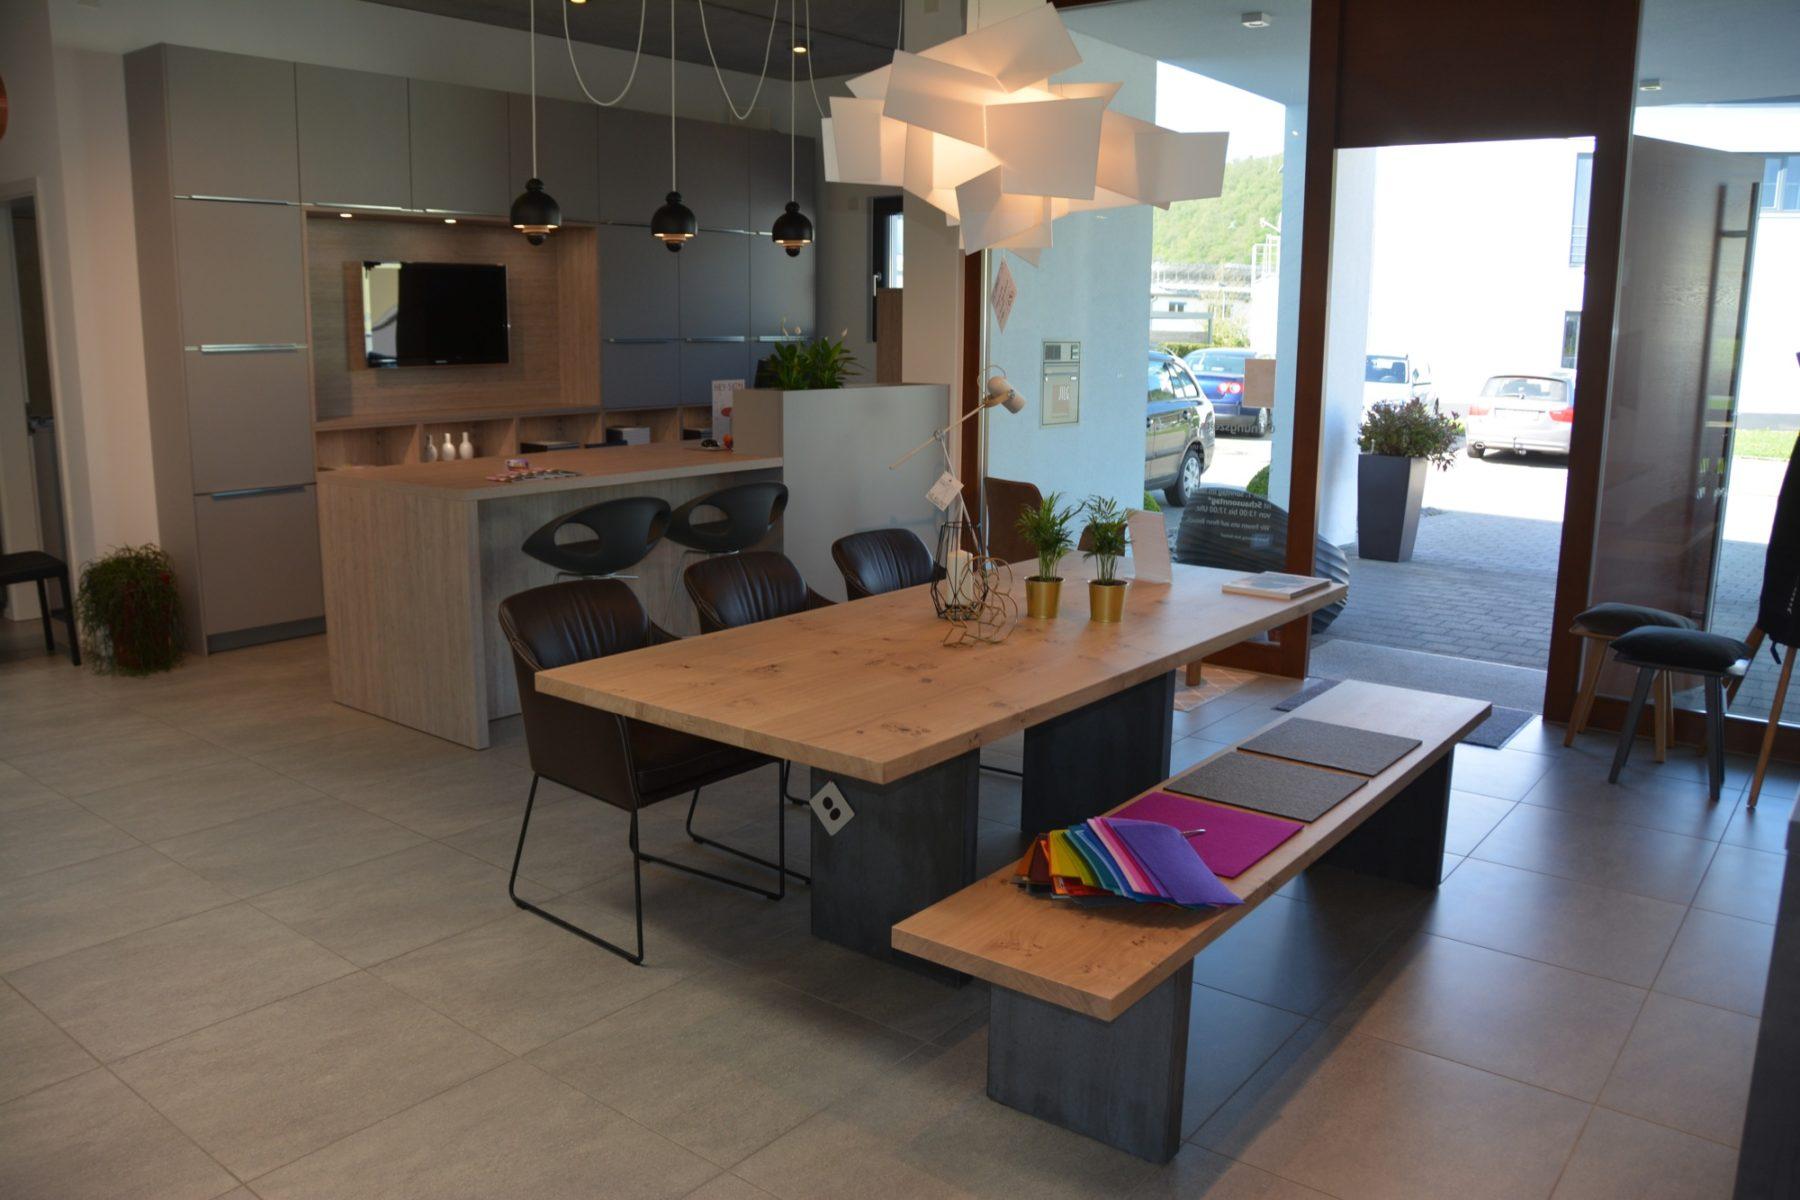 Niedlich Küche Barhocker Zum Verkauf In Durban Fotos - Küchenschrank ...